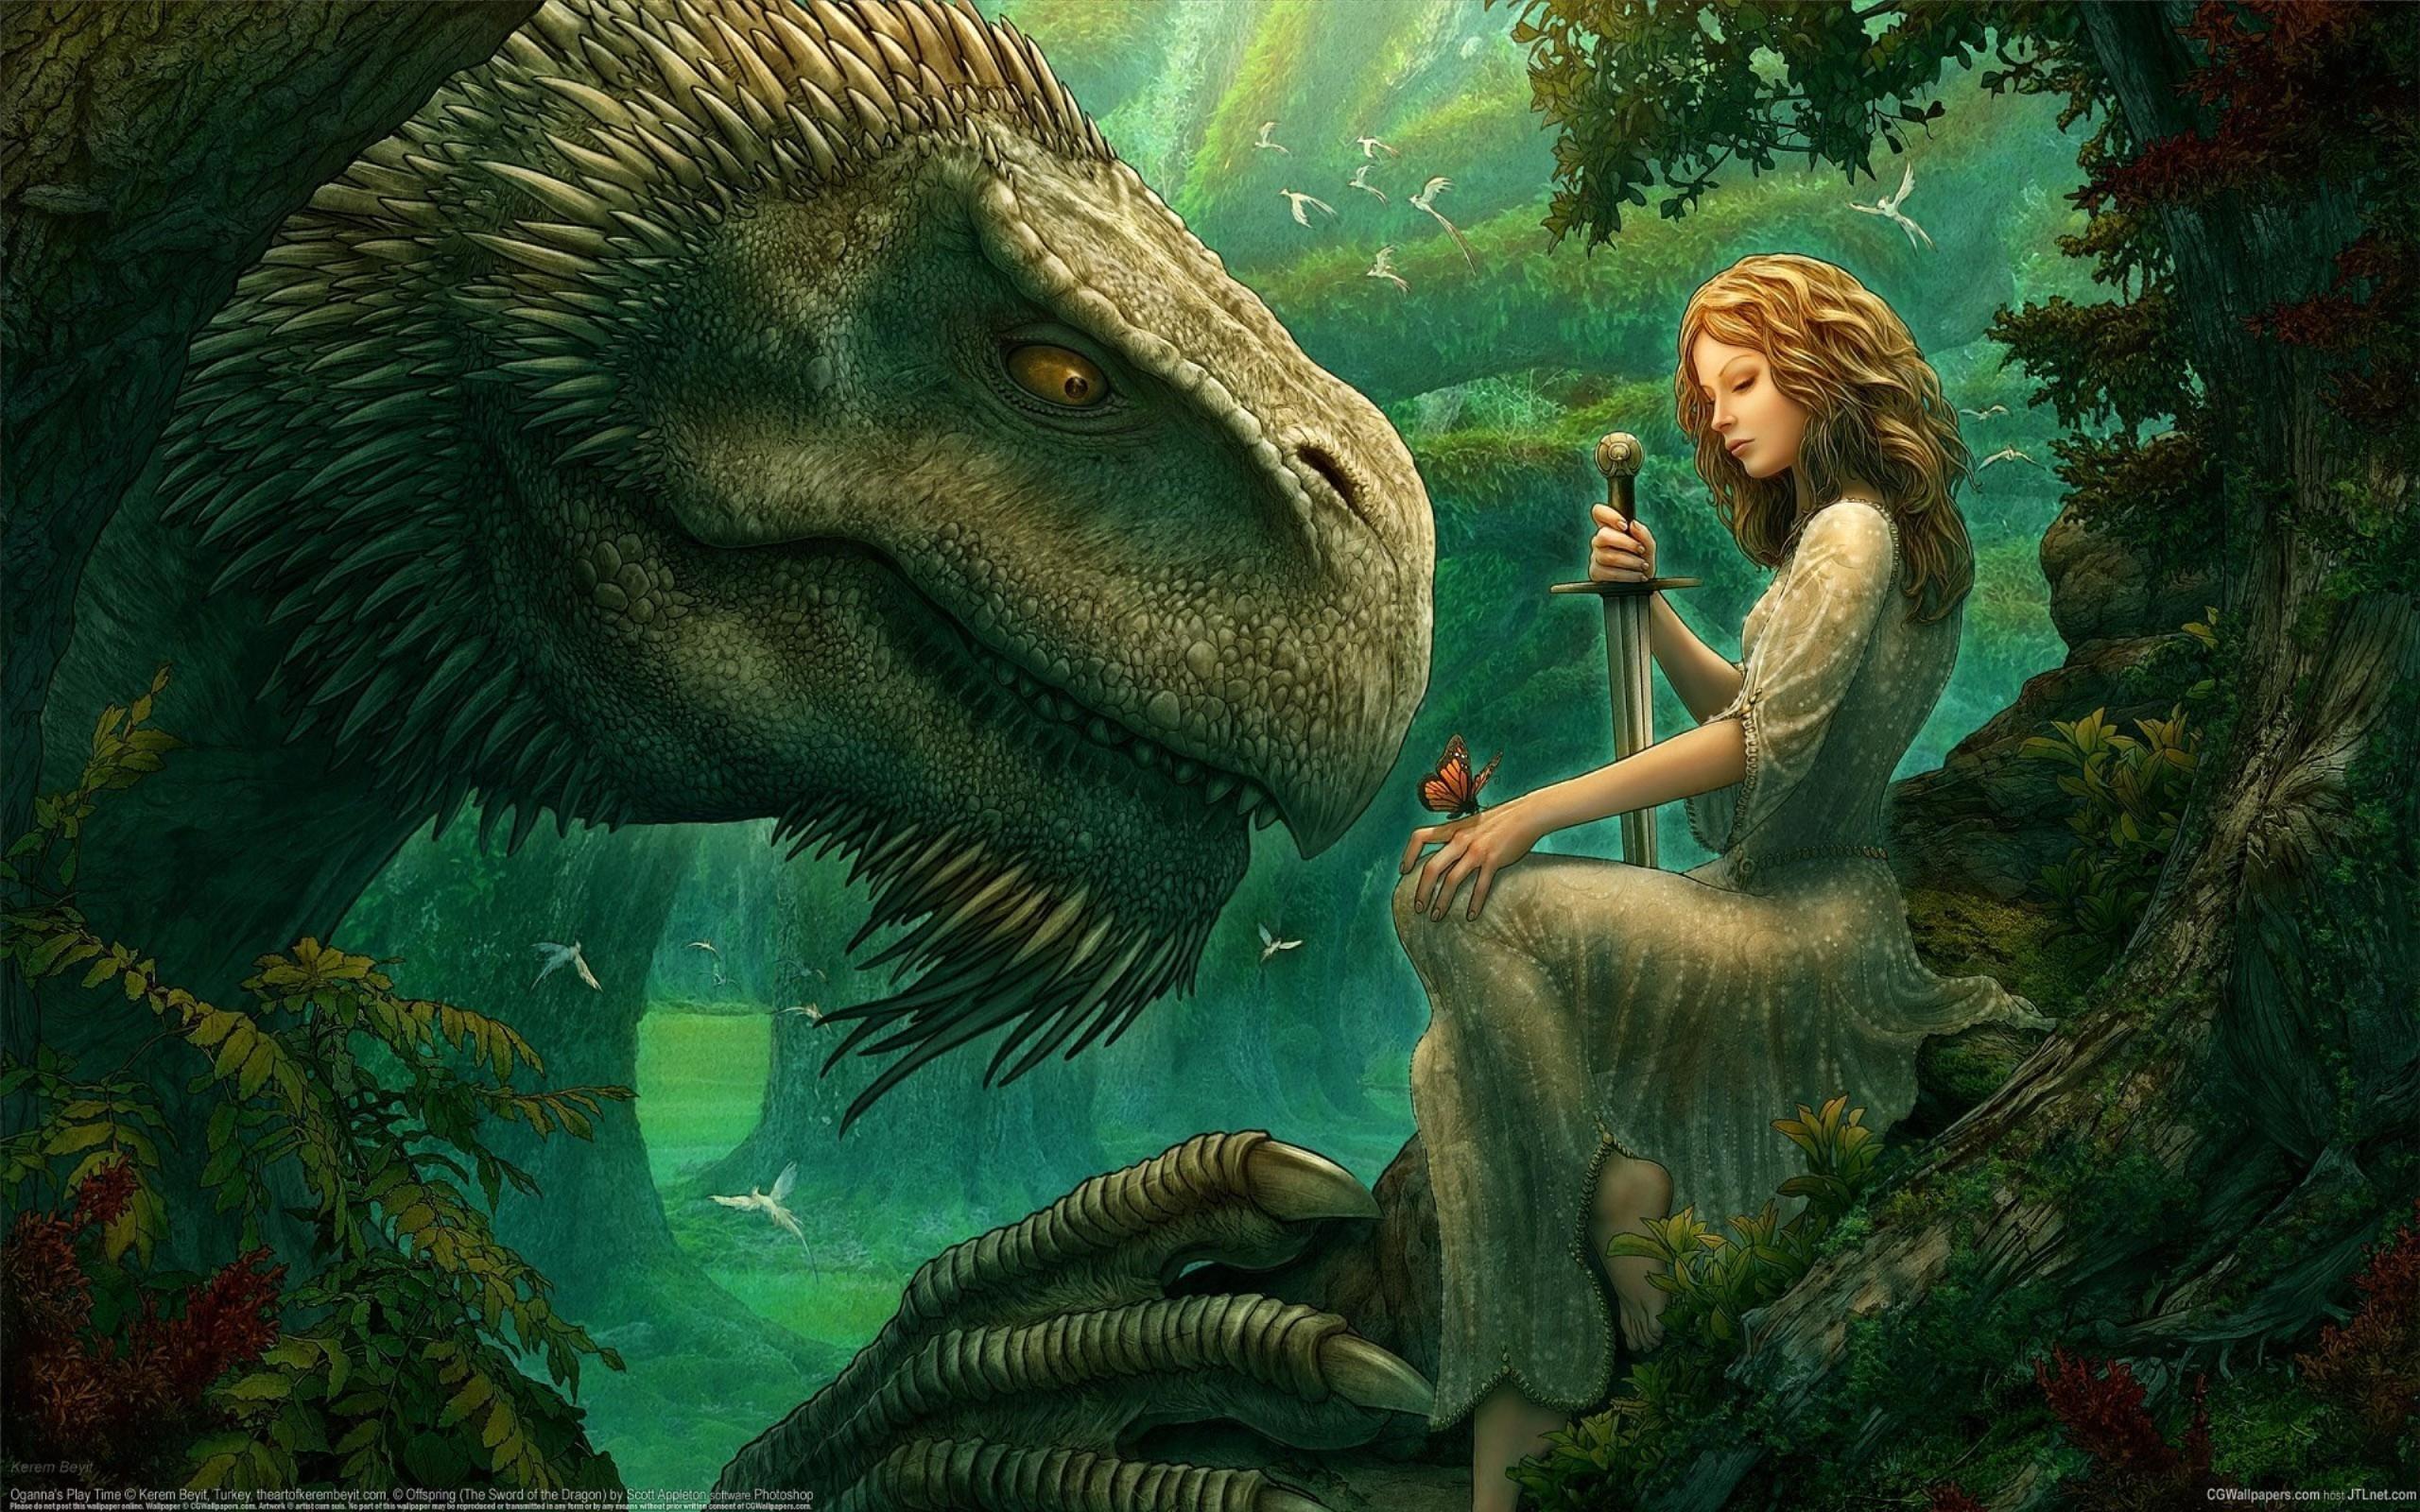 dragons fantasy art HD Wallpapers   Magic4Wallscom 2560x1600